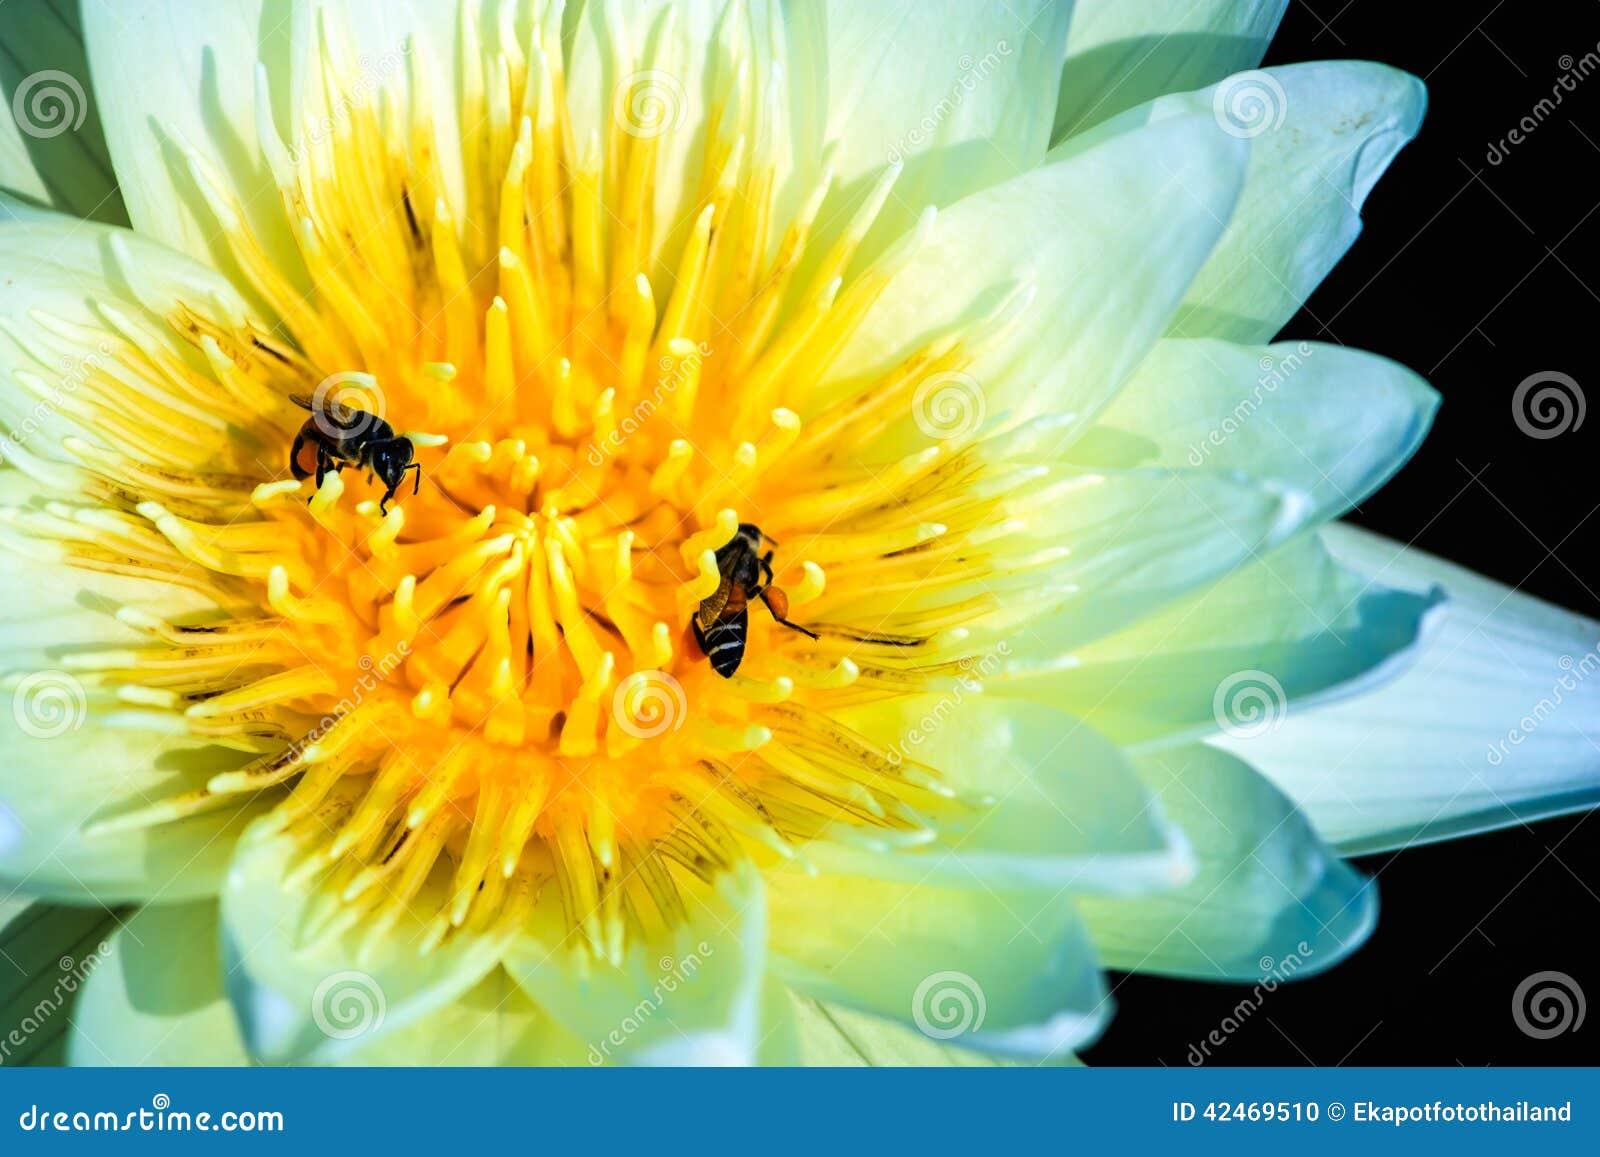 Weißer Lotos und Bienen